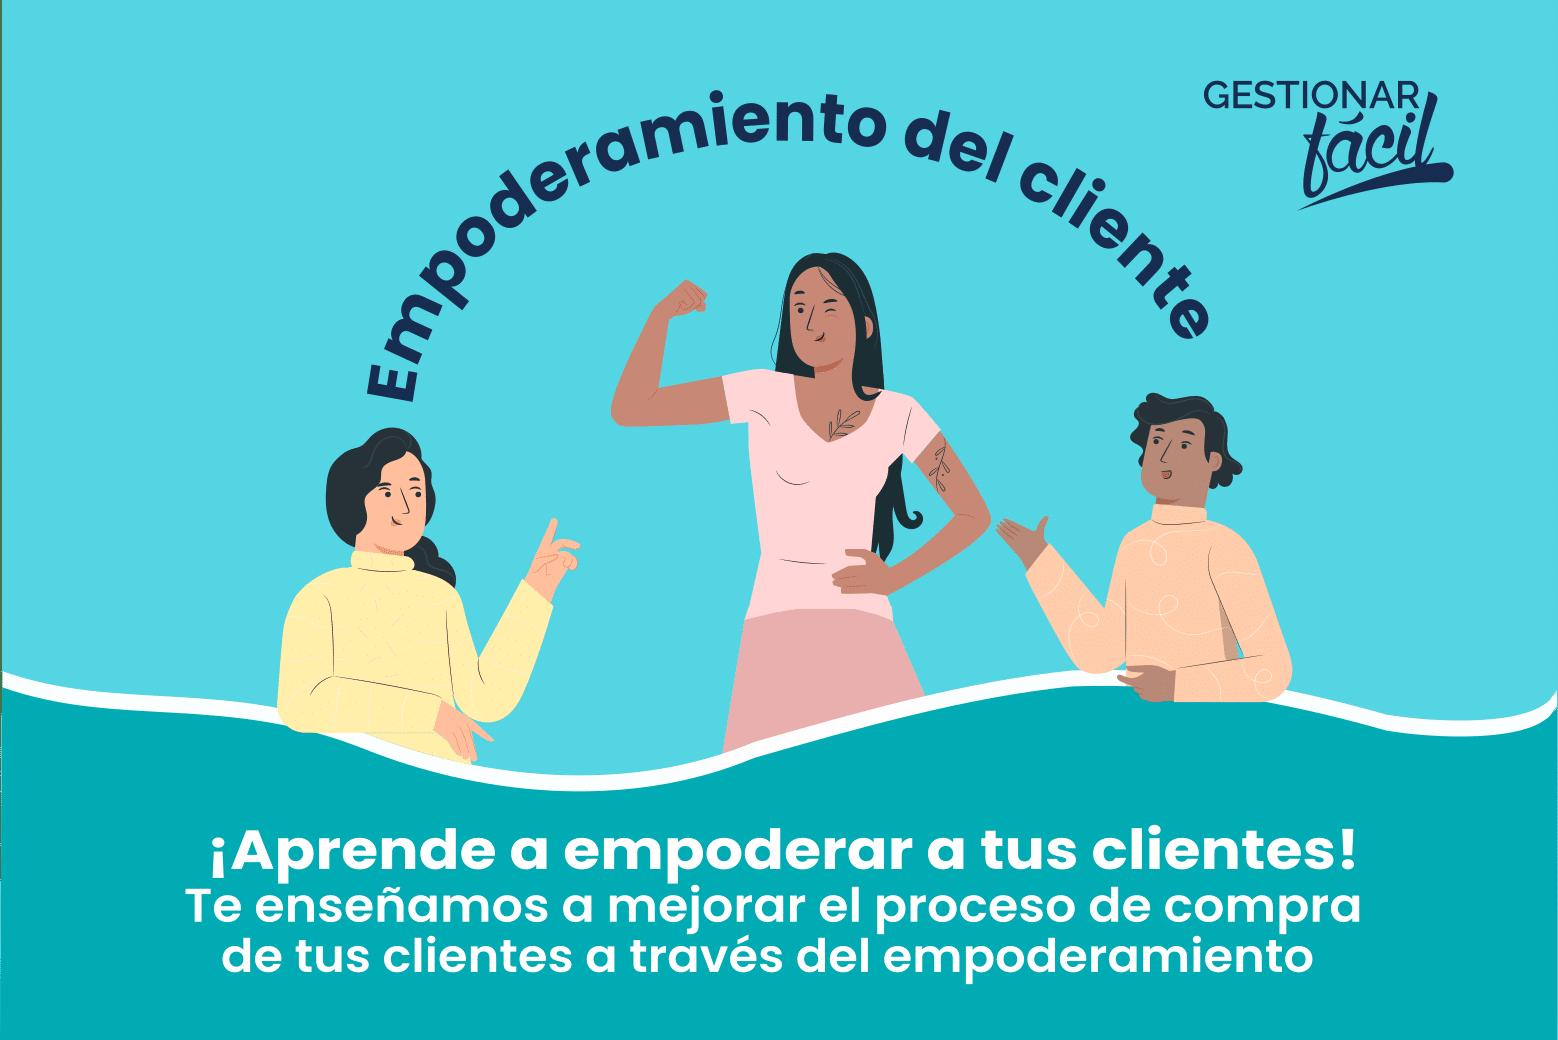 ¿Qué es el empoderamiento en el servicio al cliente?